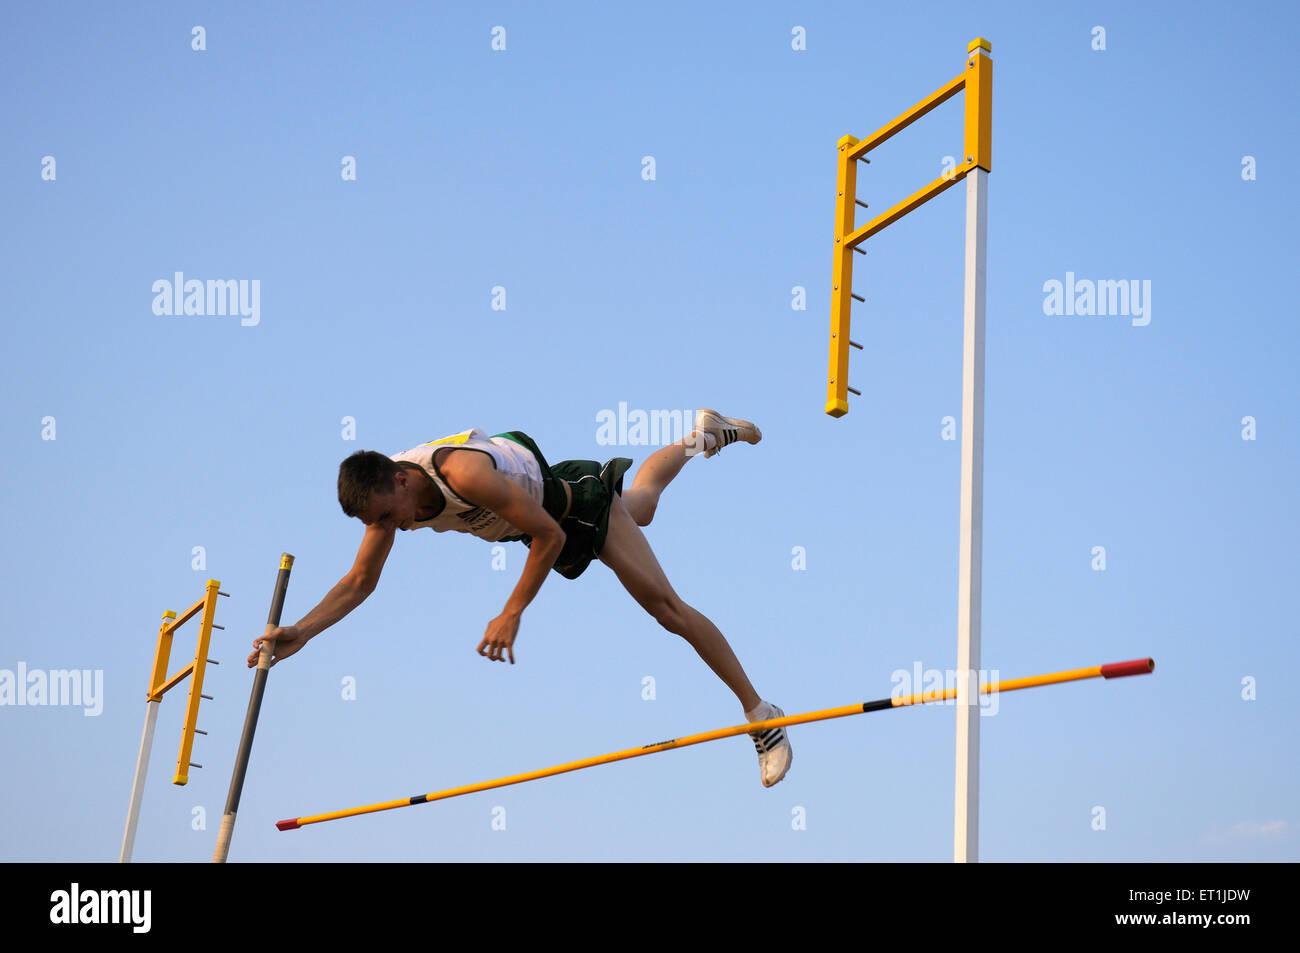 Athlete from netherland pole vault jump ; Pune ; Maharashtra ; India 15 October 2008 NOMR - Stock Image